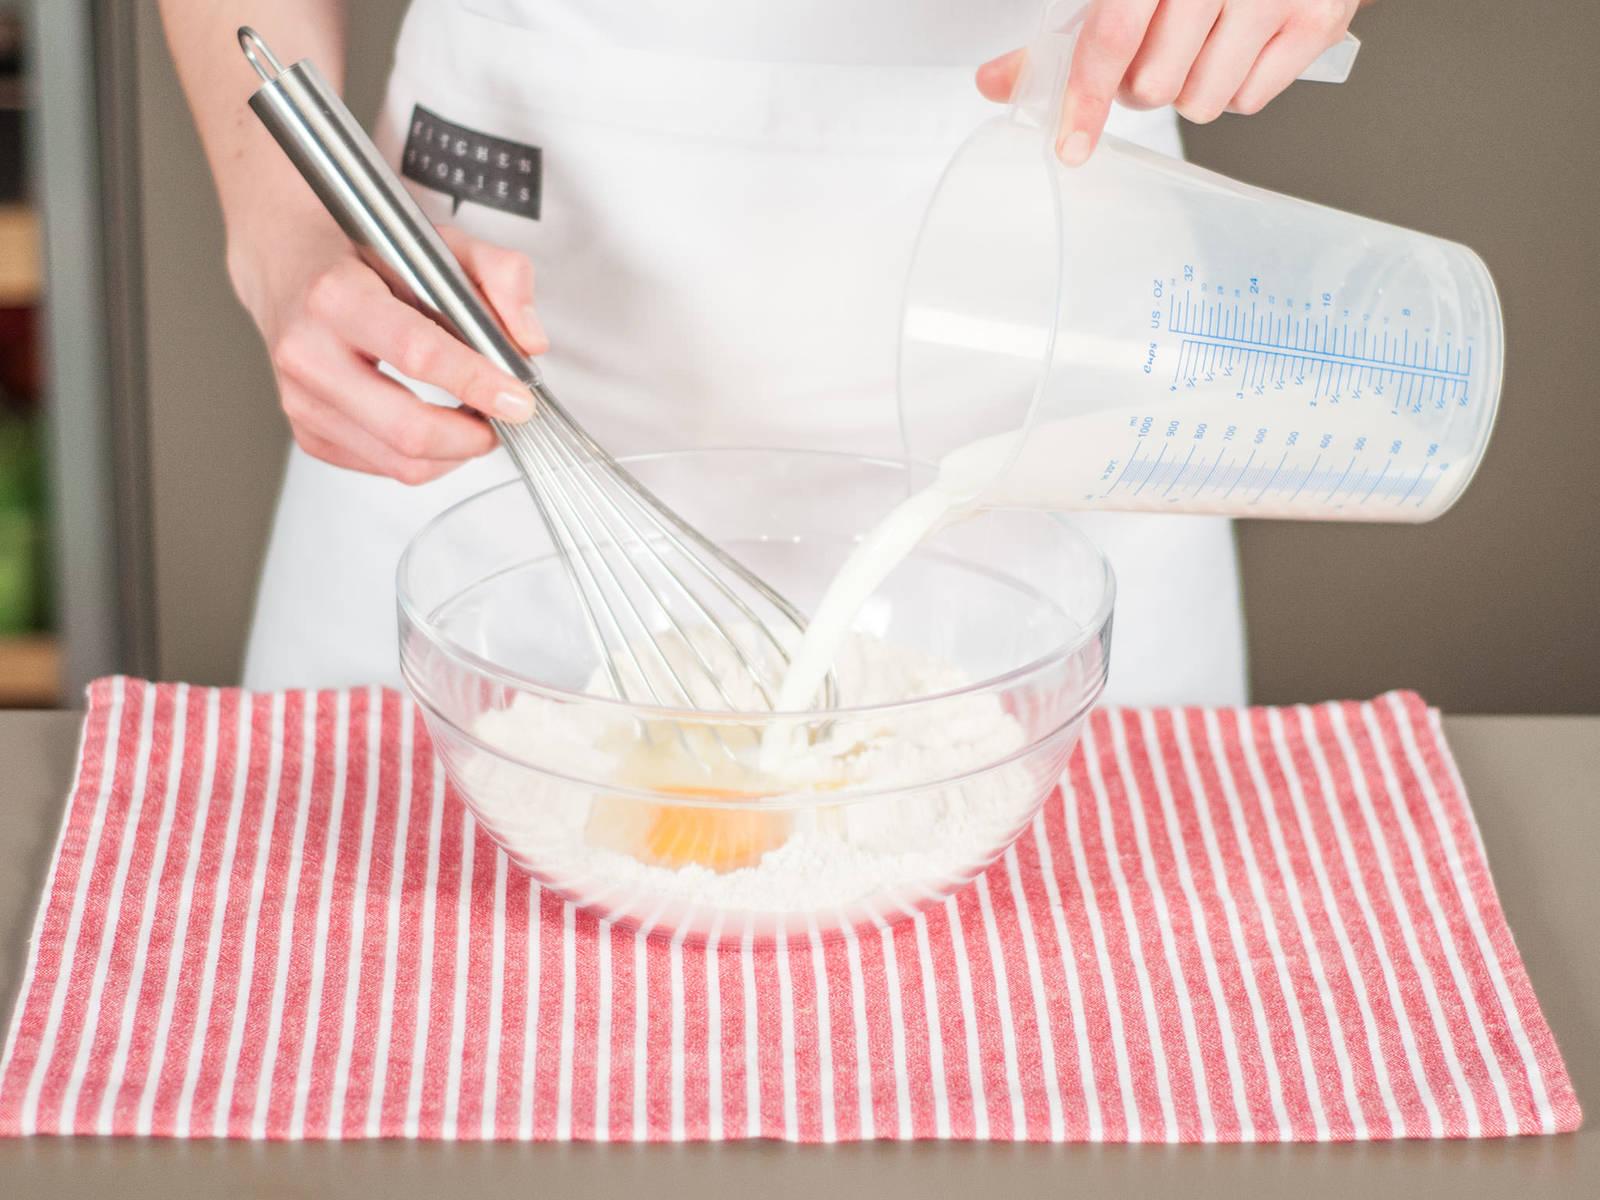 Etwas geschmolzene Butter, Ei und Milch zur Mehlmischung geben. Zu einem dickflüssigen Teig verarbeiten. Beiseitestellen.